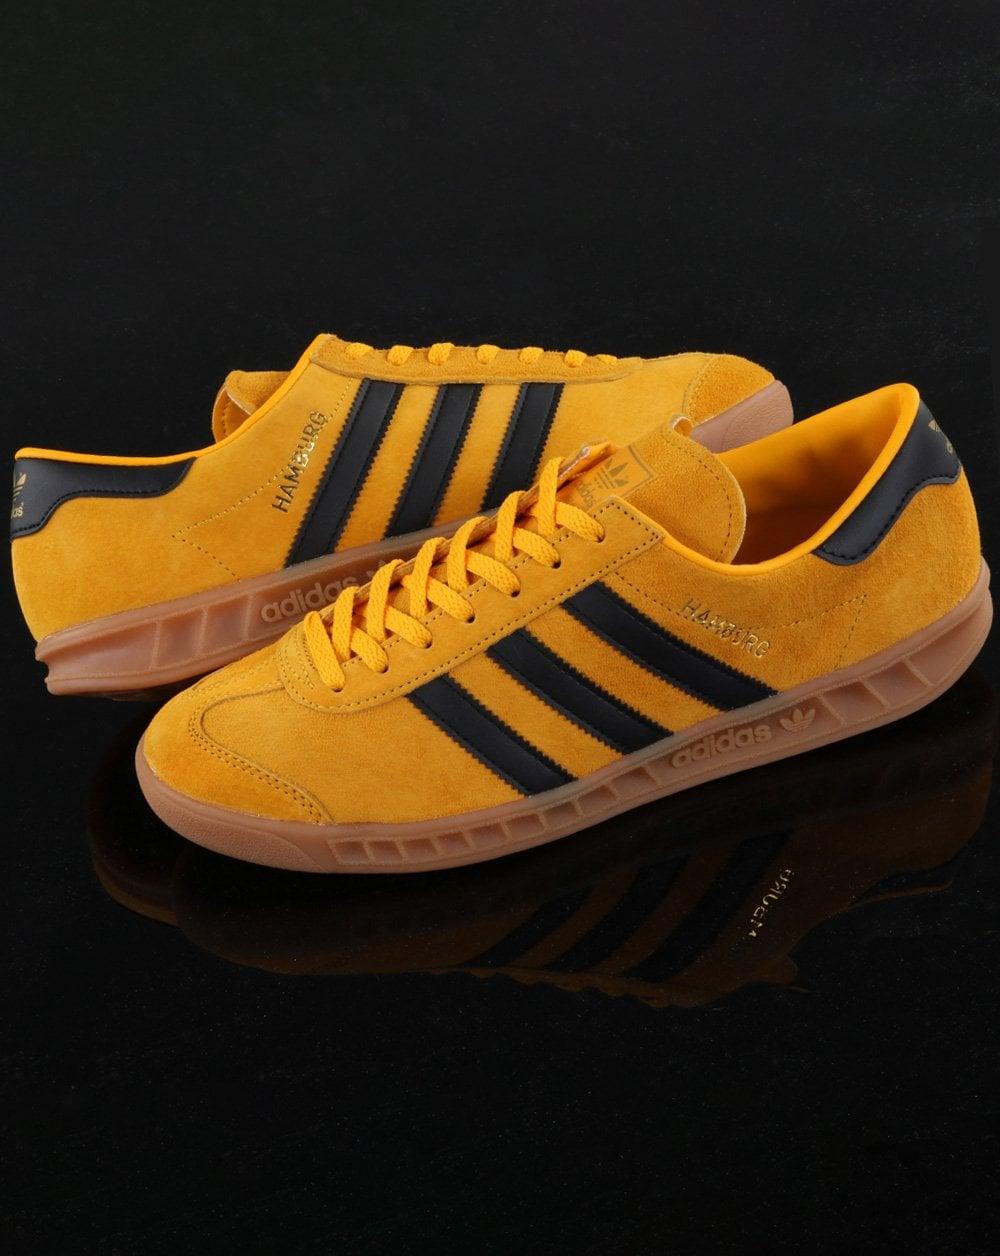 Adidas Hamburg Trainers Yellow/Black